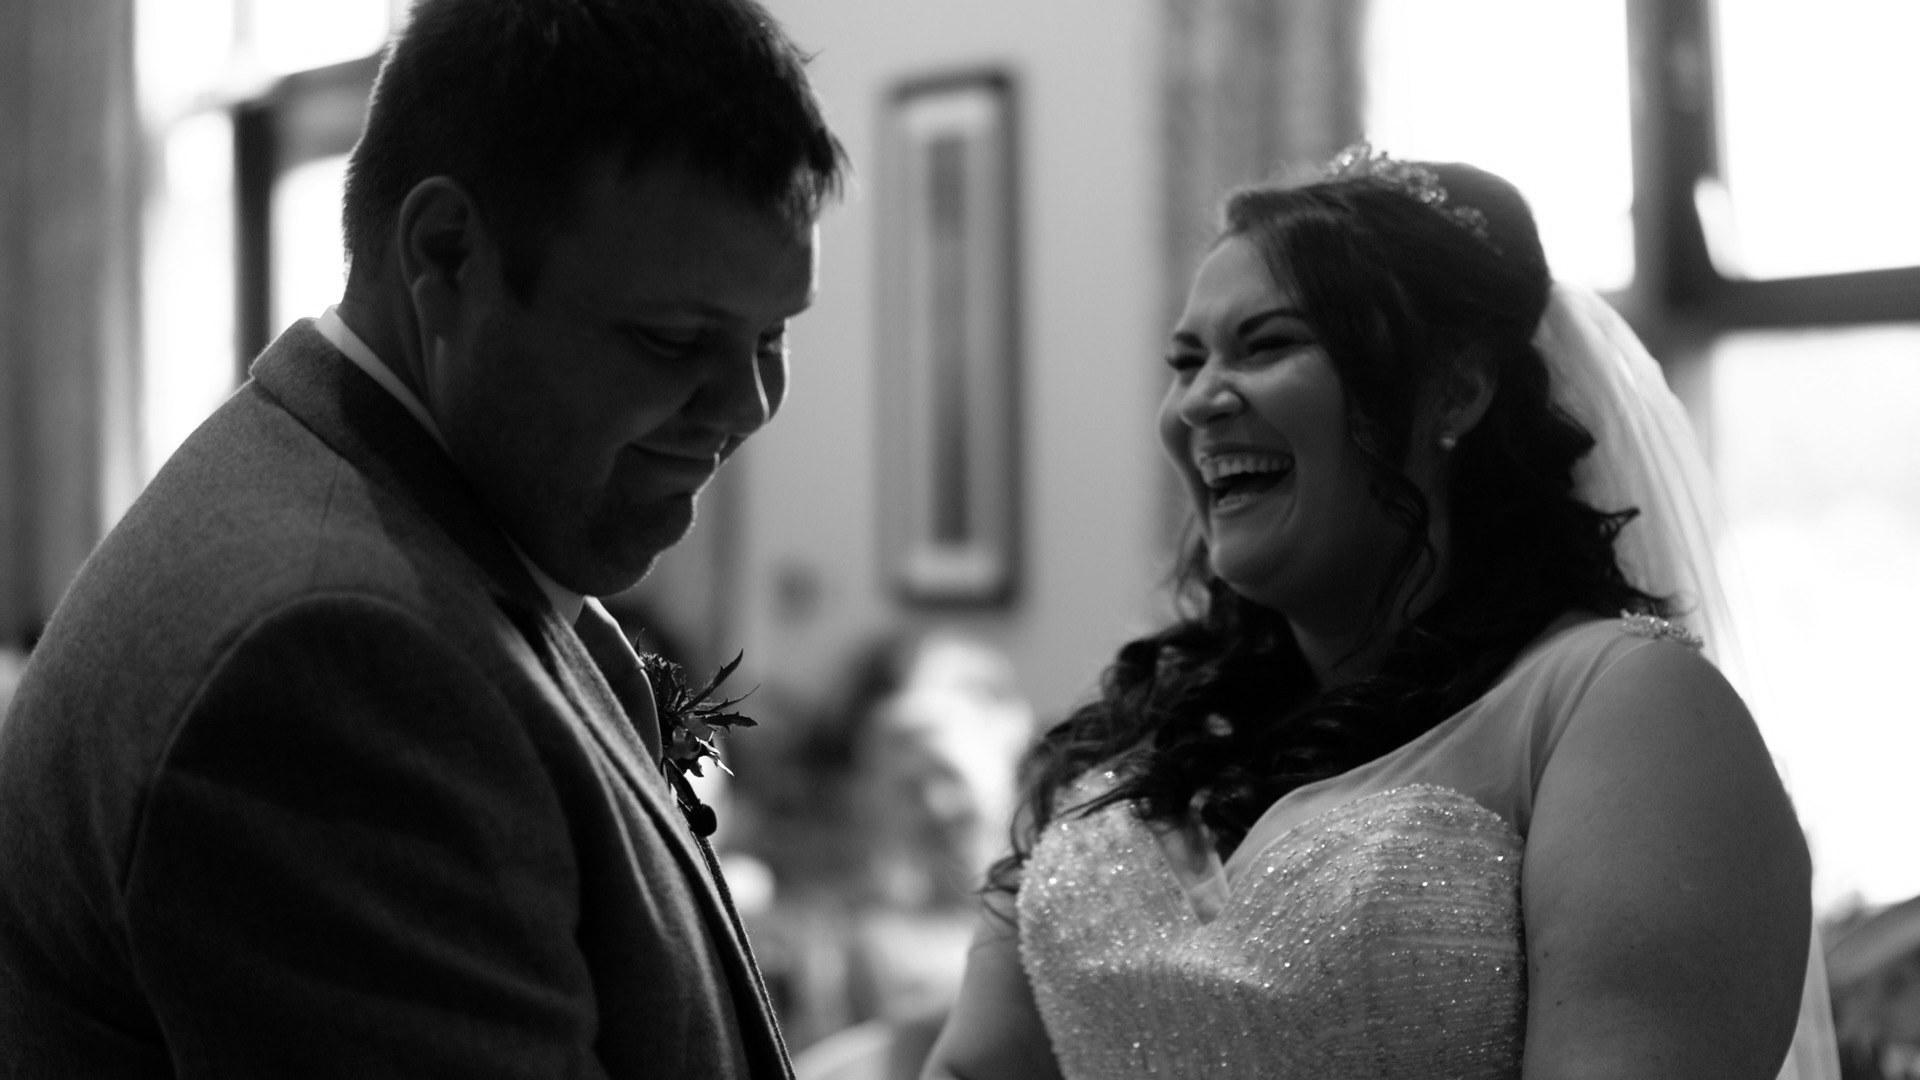 BUCHAN-BRAES-JULY-WEDDING (13).jpg